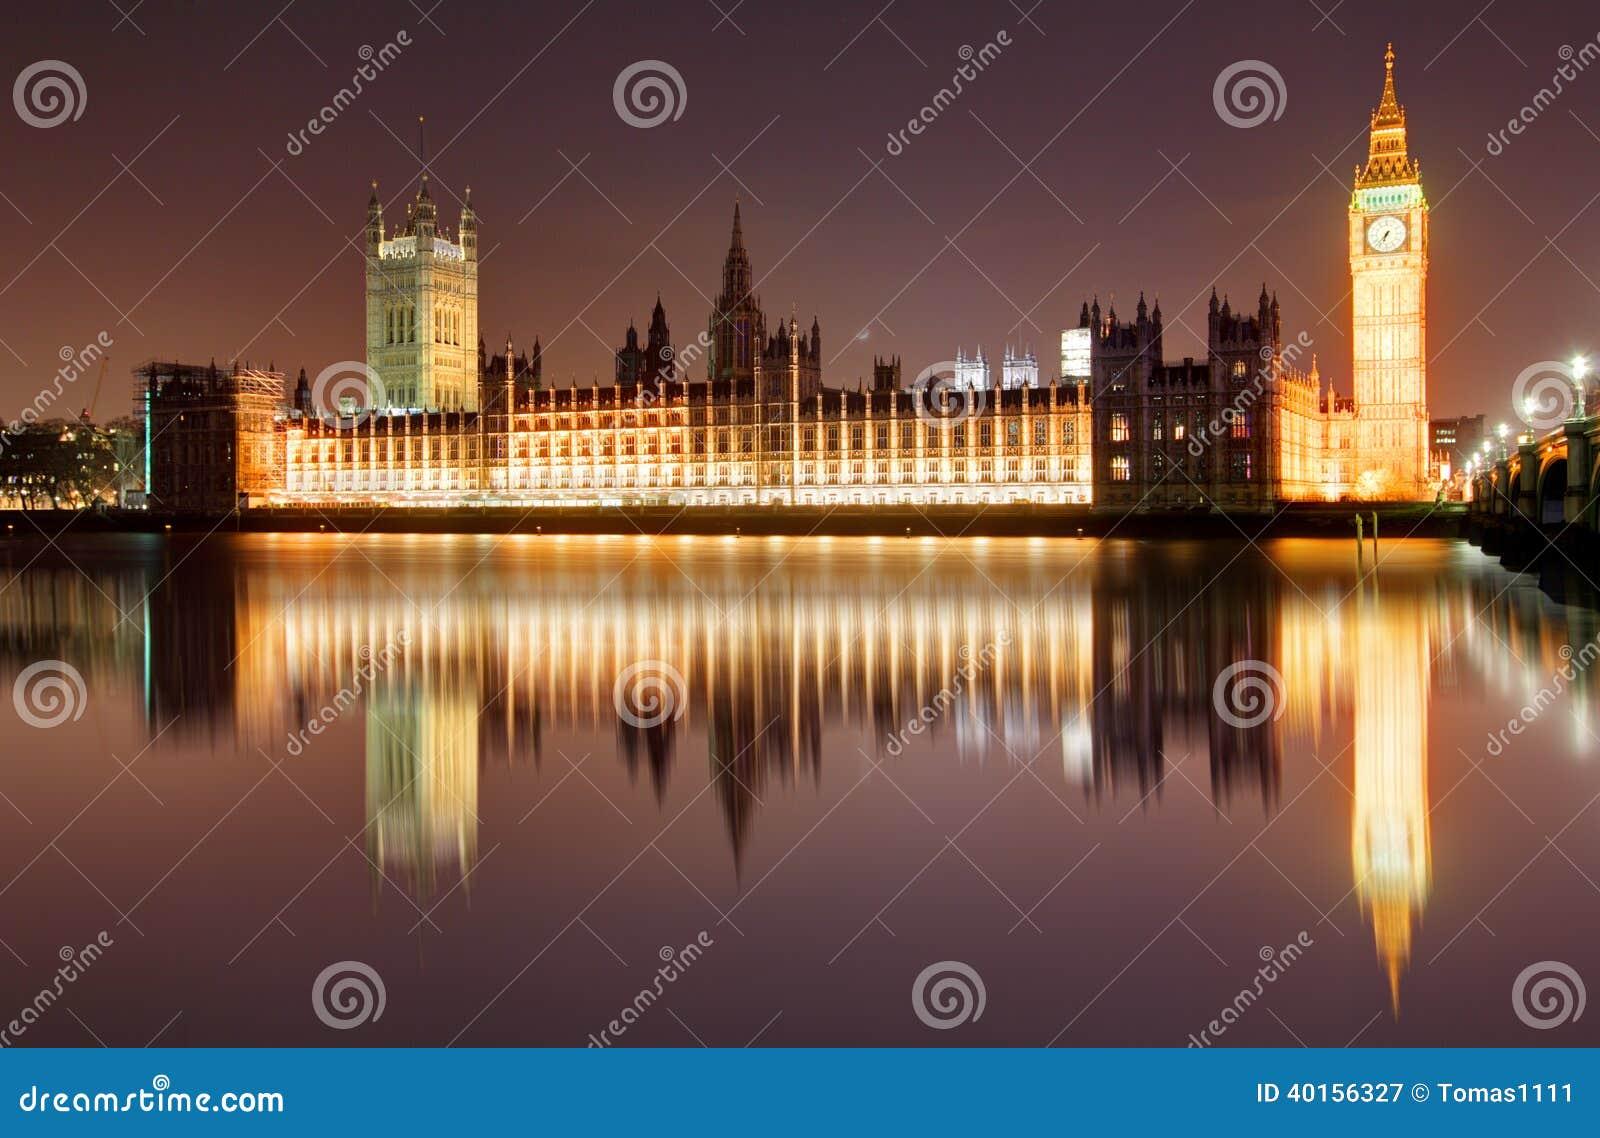 Londres en la noche - casas del parlamento, Big Ben